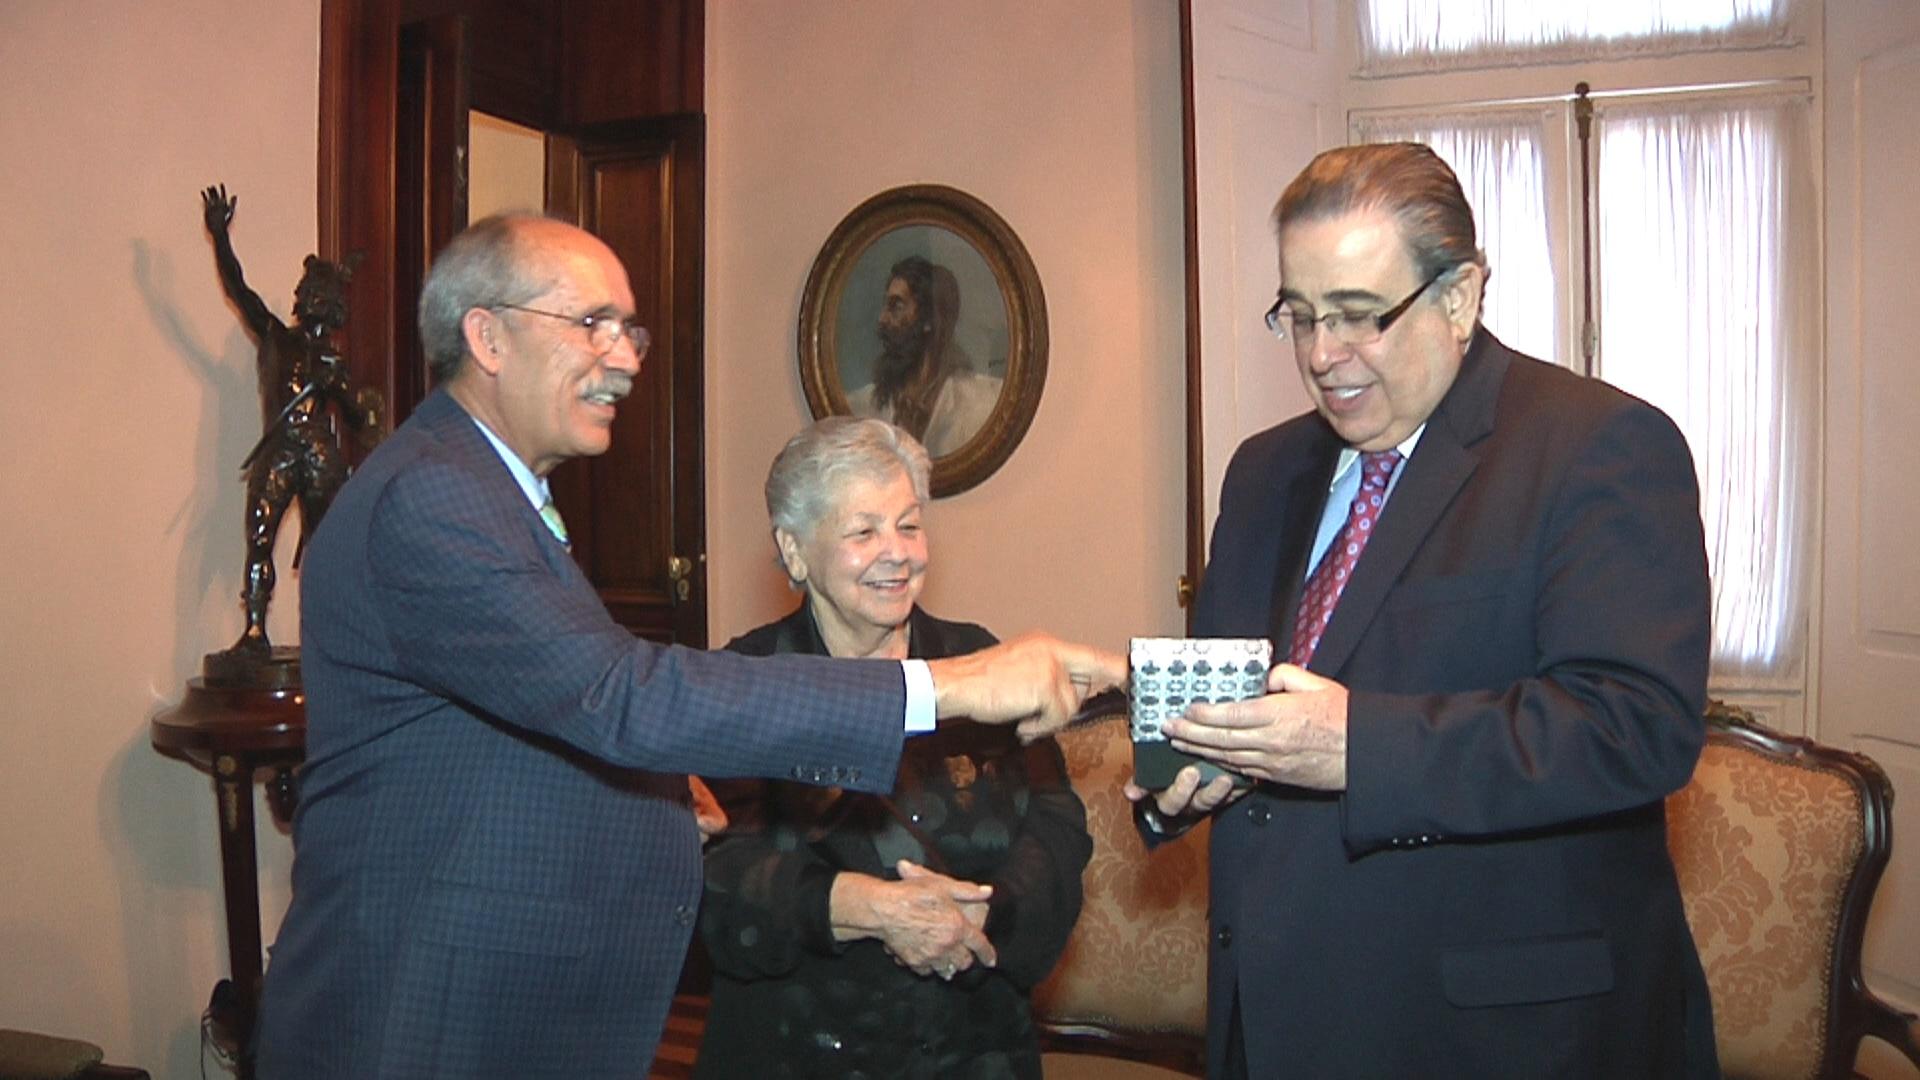 PROFESSORA DE CONTAGEM É RECEBIDA PELO GOVERNADOR DE MINAS GERAIS